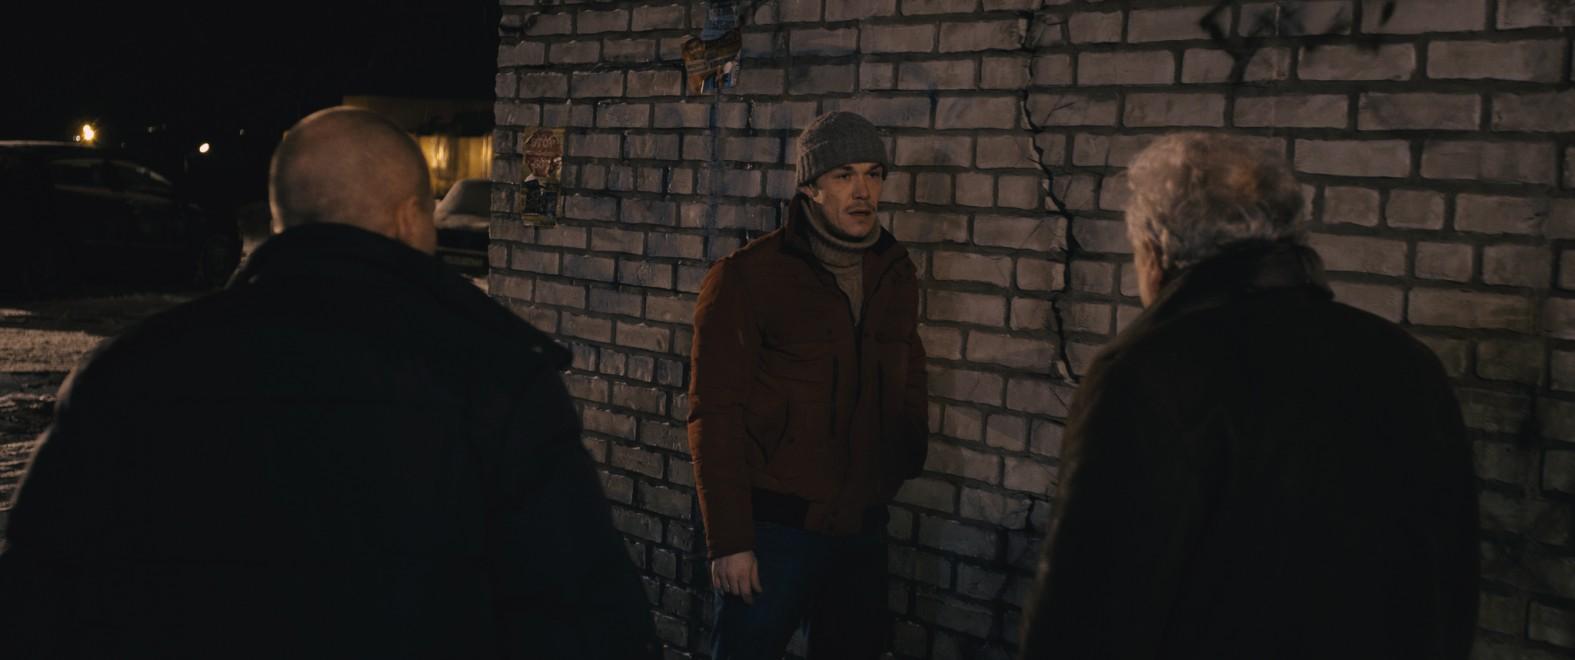 Дурак фильм рецензия актеры